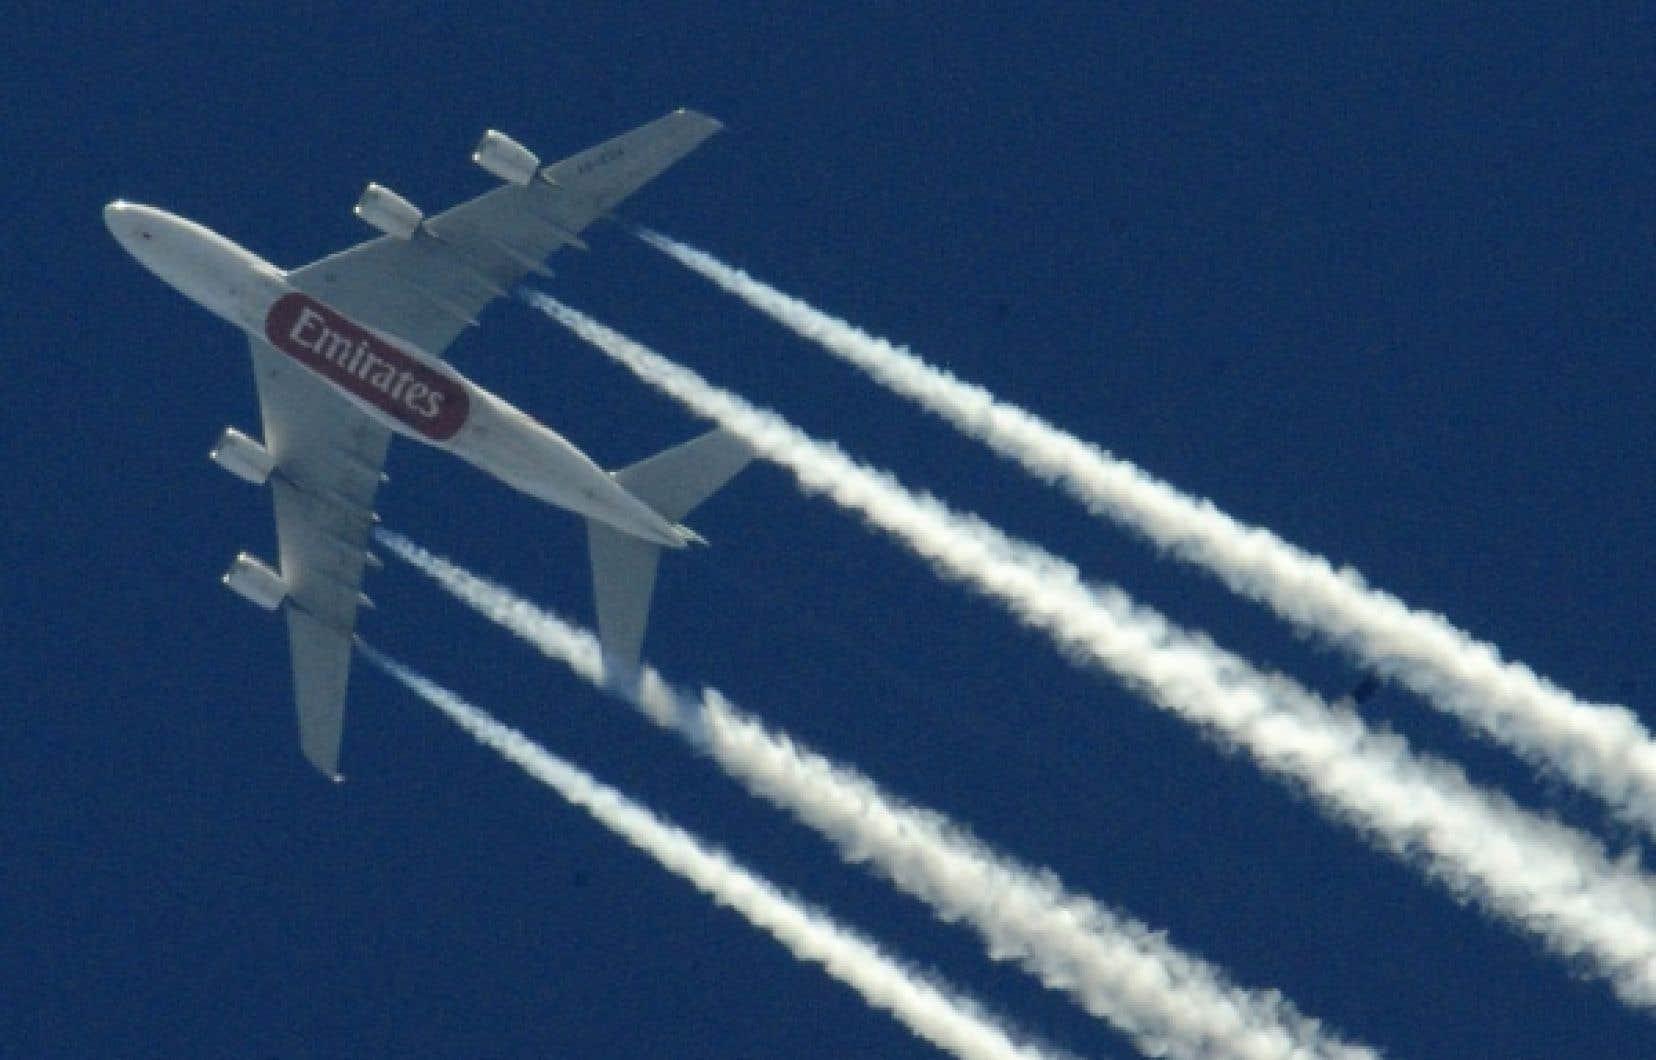 L'ampleur de cette crise éclipse celle du 11 septembre 2001, alors que l'espace aérien américain avait été fermé durant trois jours, estime Giovanni Bisignani, directeur général et chef de la direction de l'IATA.